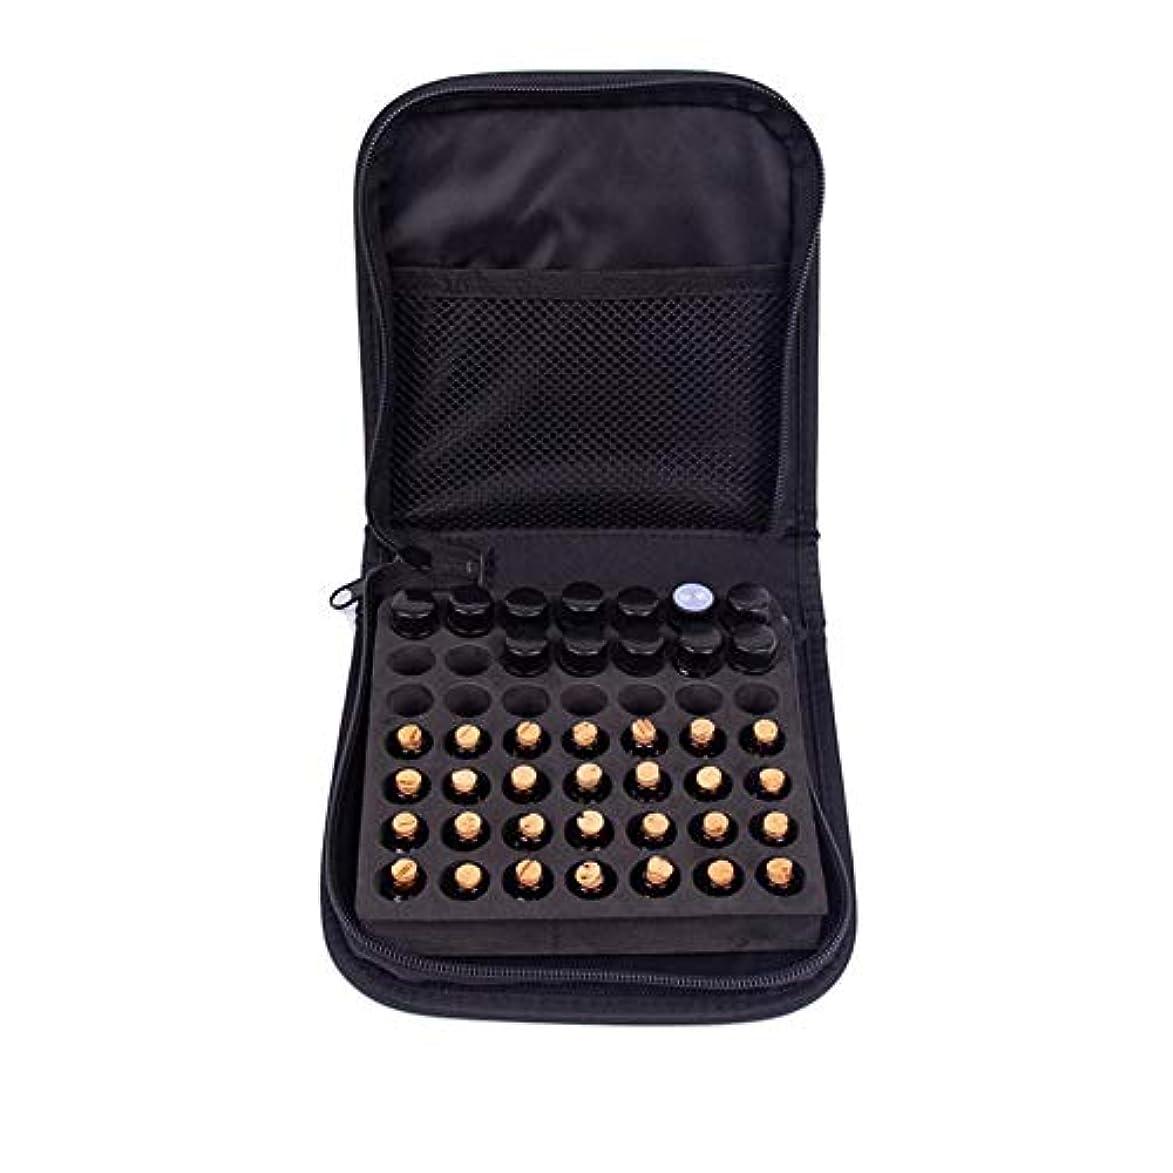 効能あるラジカルアイザックNewfashion エッセンシャルオイル収納ボックス 精油収納 アロマケース 大容量 携帯便利 オイルボックス 飾り物 49本用